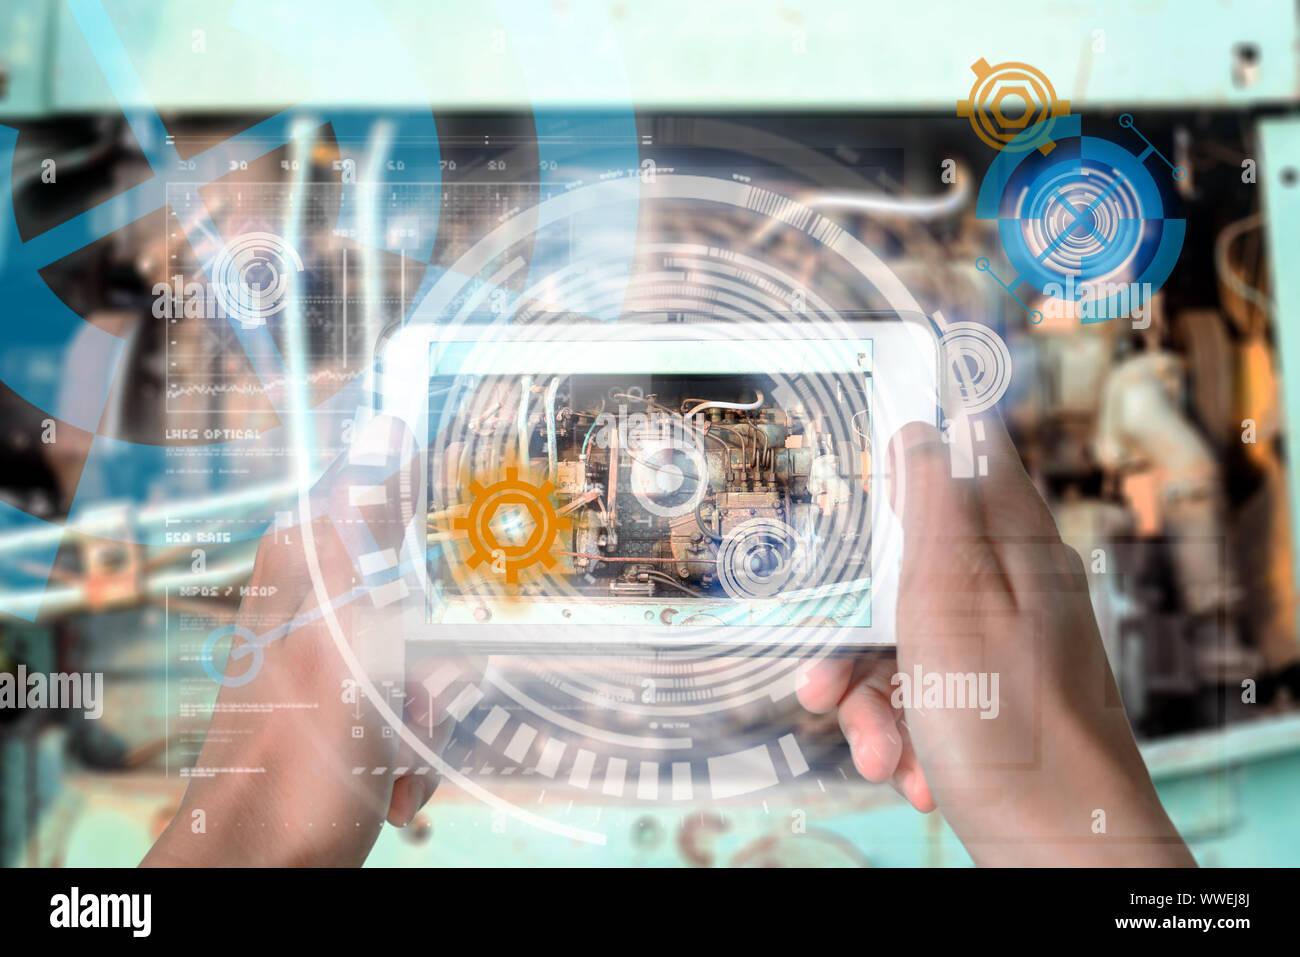 Dispositivo de realidad aumentada mediante tecnología inteligente, mezcla de realidad virtual y aumento a través de la aplicación de la inteligencia artificial y comput Foto de stock